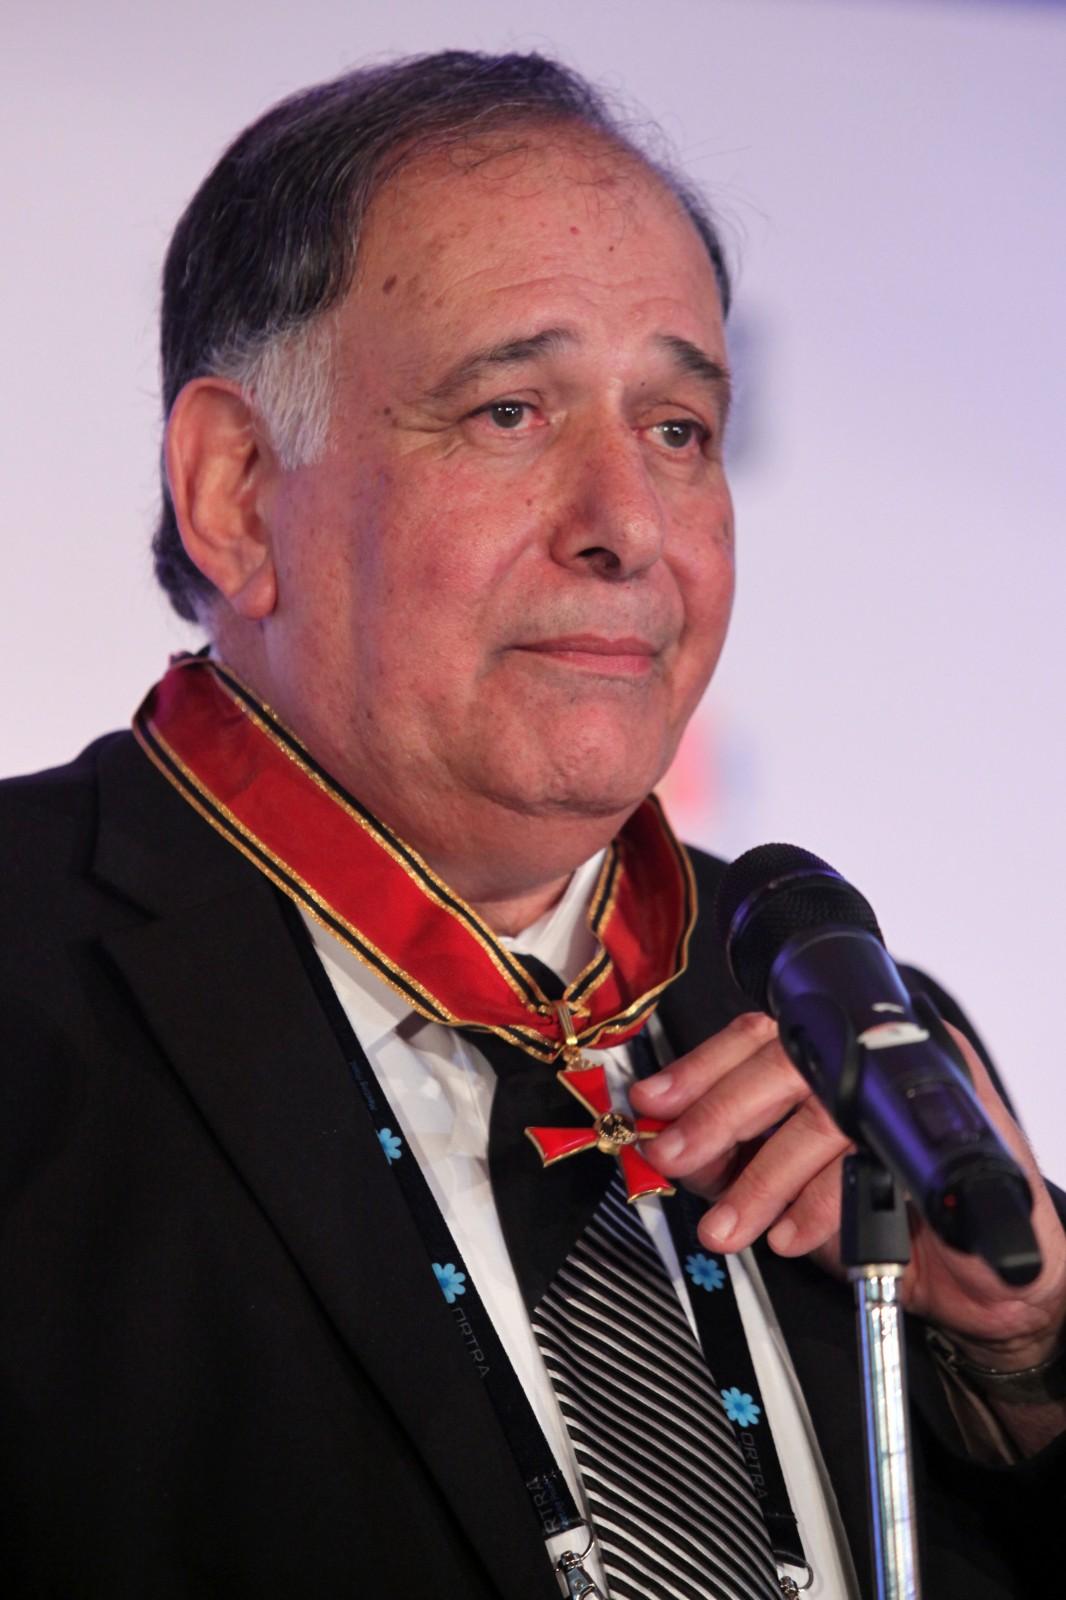 יונה יהב, ראש עיריית חיפה (צילום: יואב ארי דודקביץ')